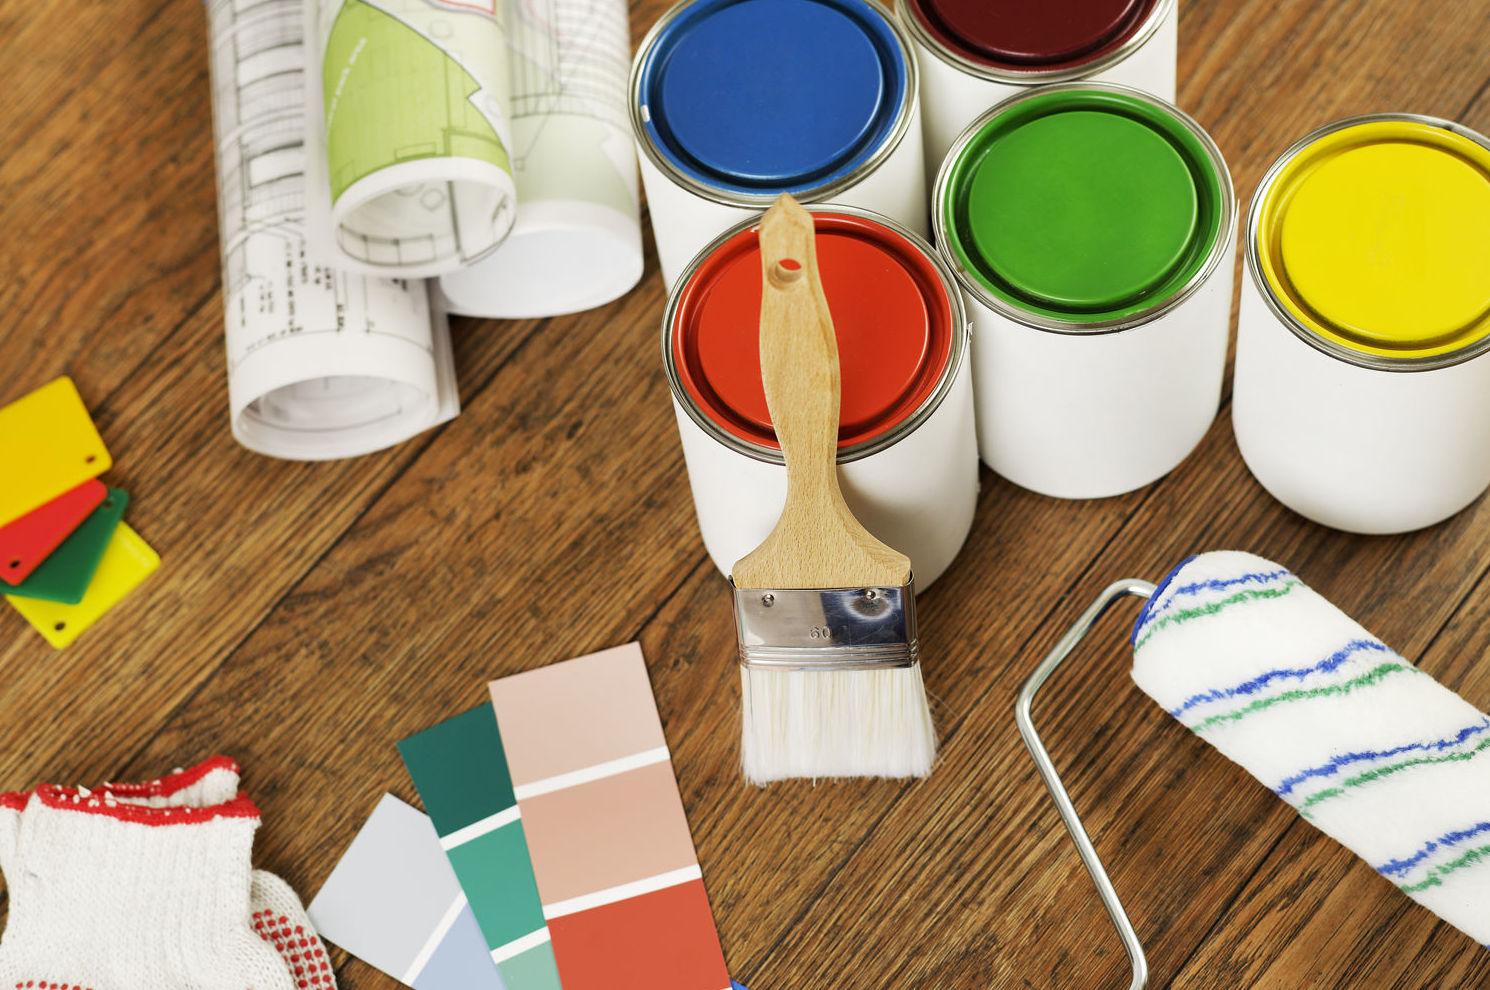 Pintura industrial y decorativa